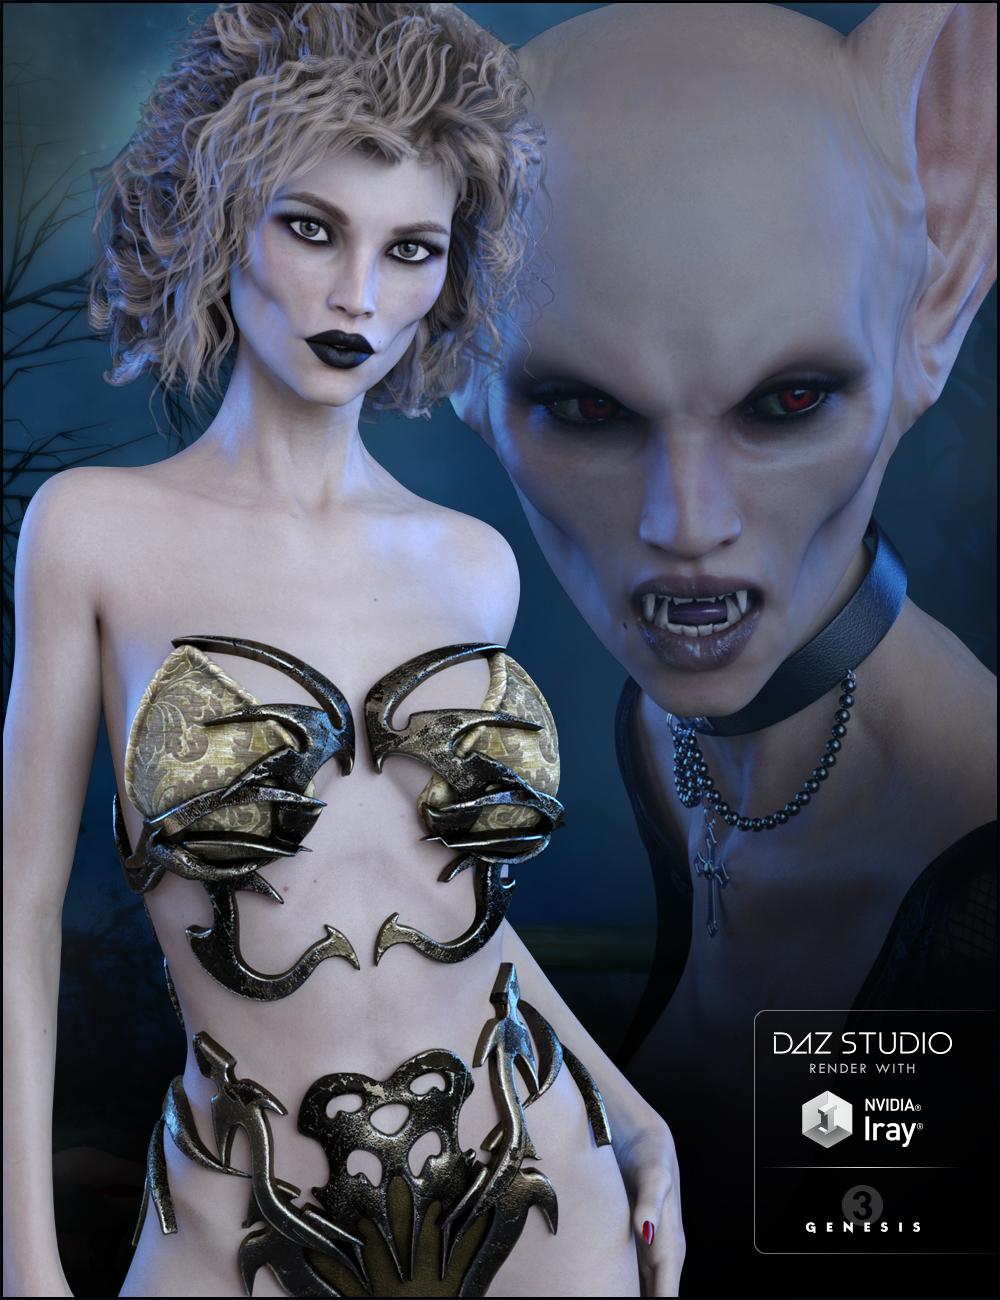 FWSA Narkissa HD for Genesis 3 Female(s) by: Fred Winkler ArtSabby, 3D Models by Daz 3D